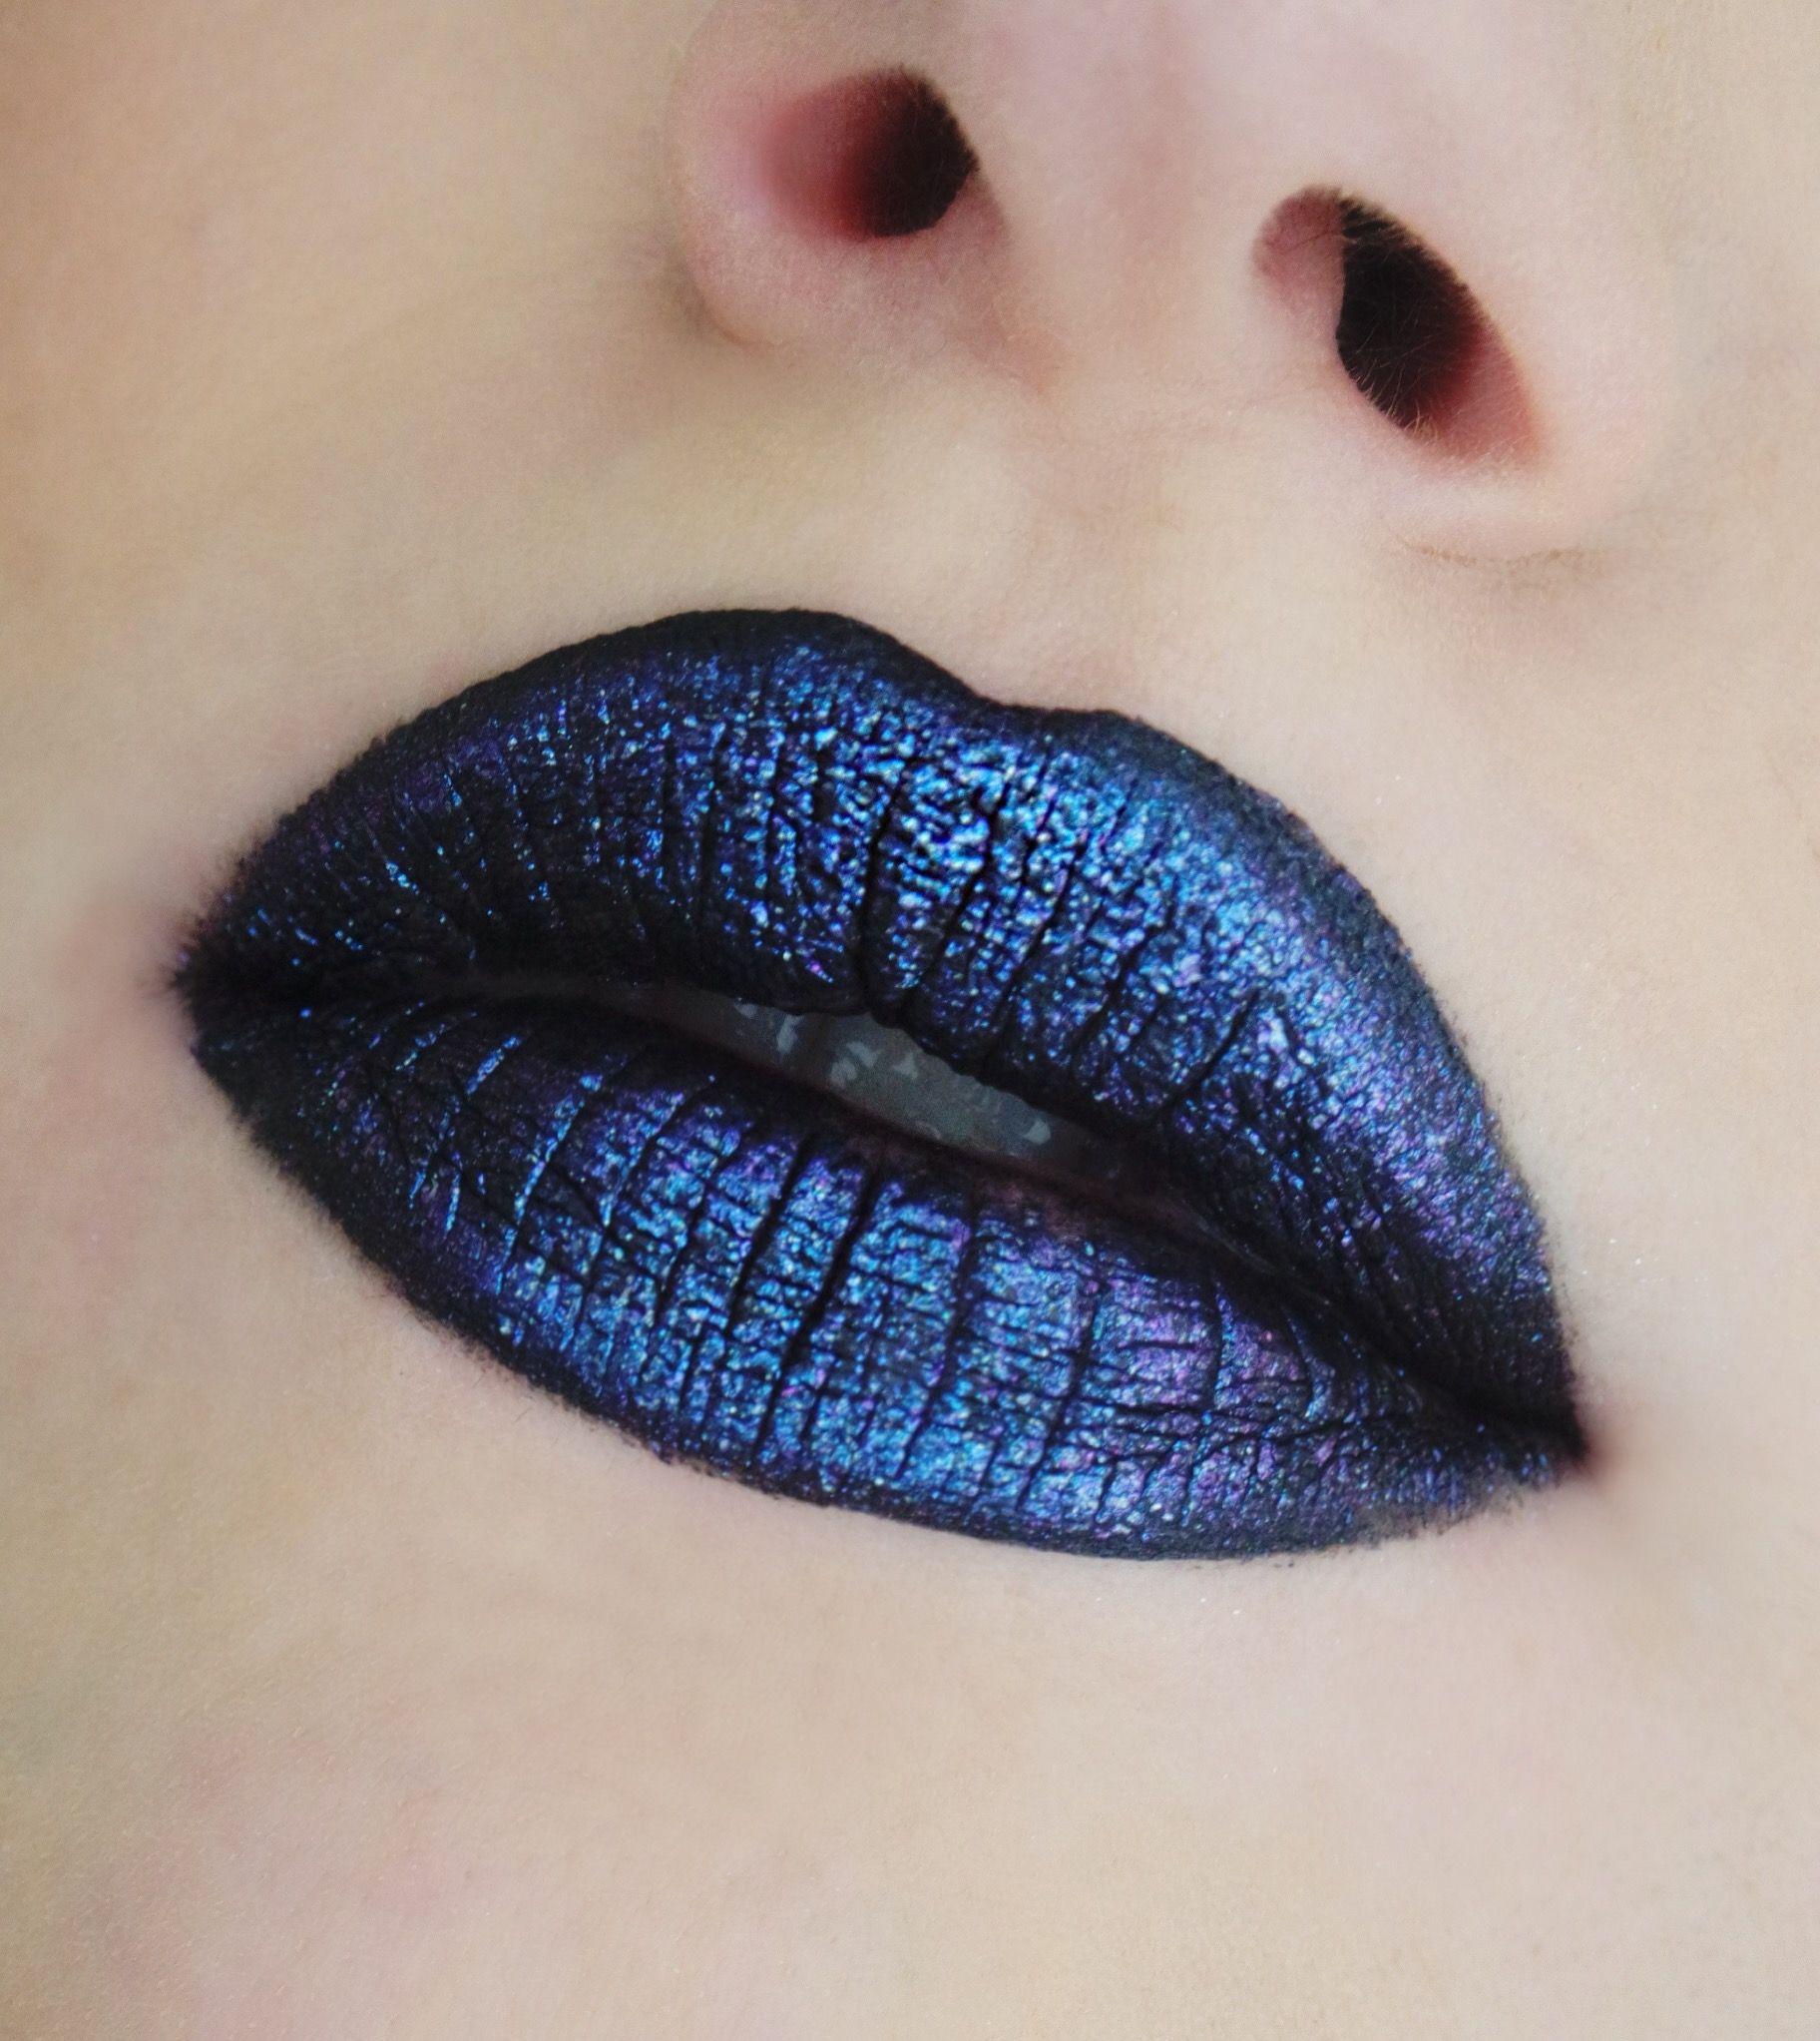 Zwarte Uriel moredjo lippen